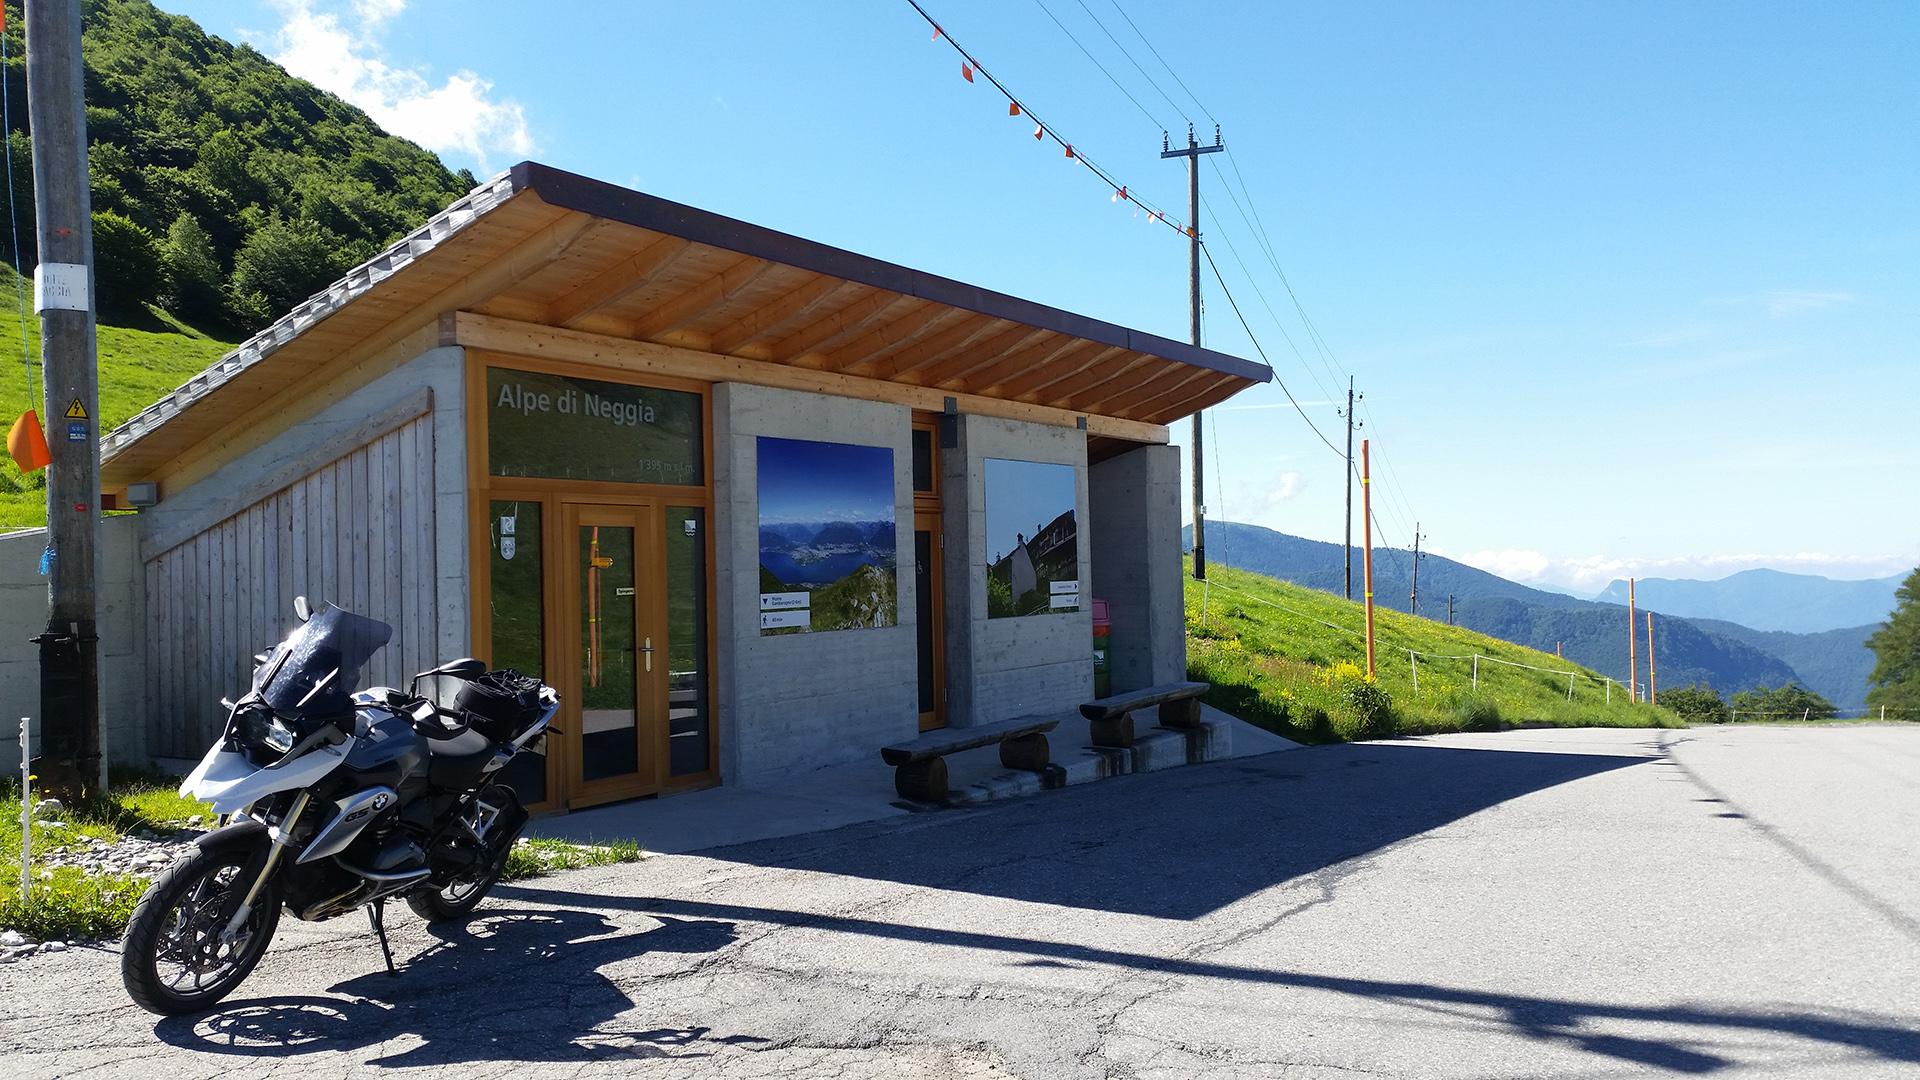 1395 - CH-I - Alpe di Neggia